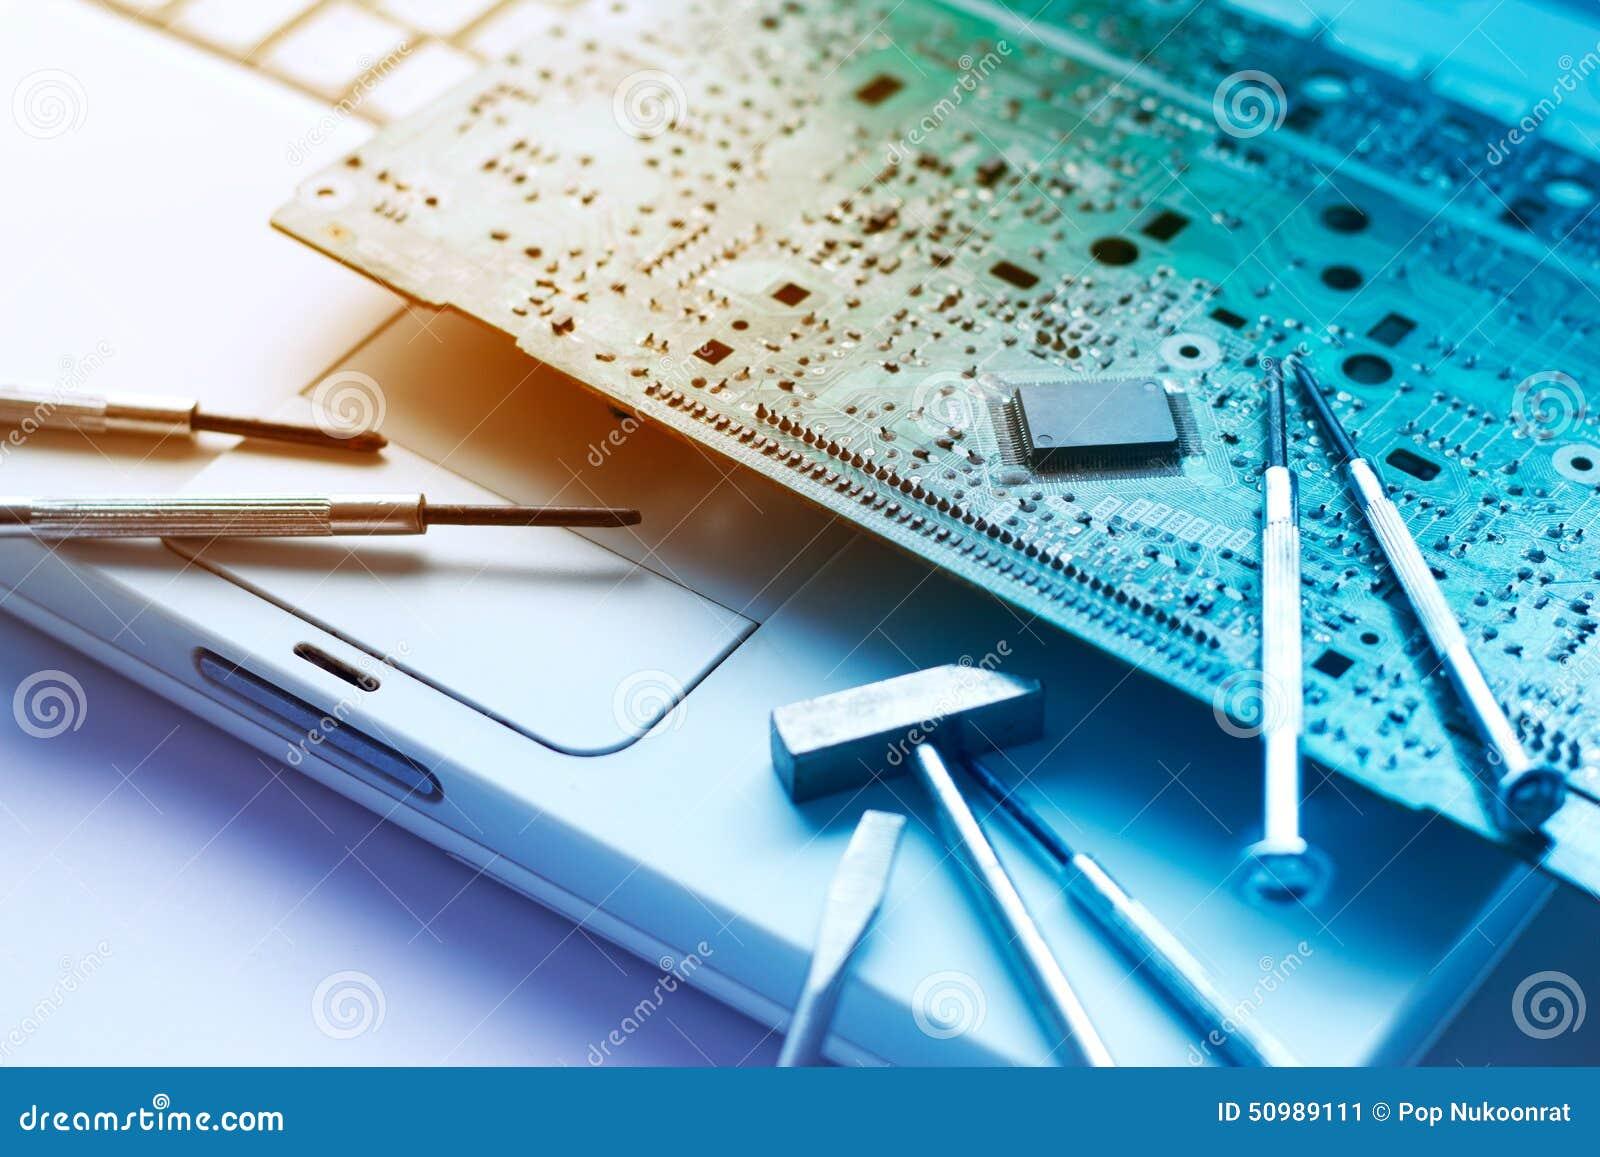 Ζωηρόχρωμες ηλεκτρονικές επισκευές πινάκων και εργαλείων στο παλαιό lap-top, τονισμένη δονούμενη έννοια